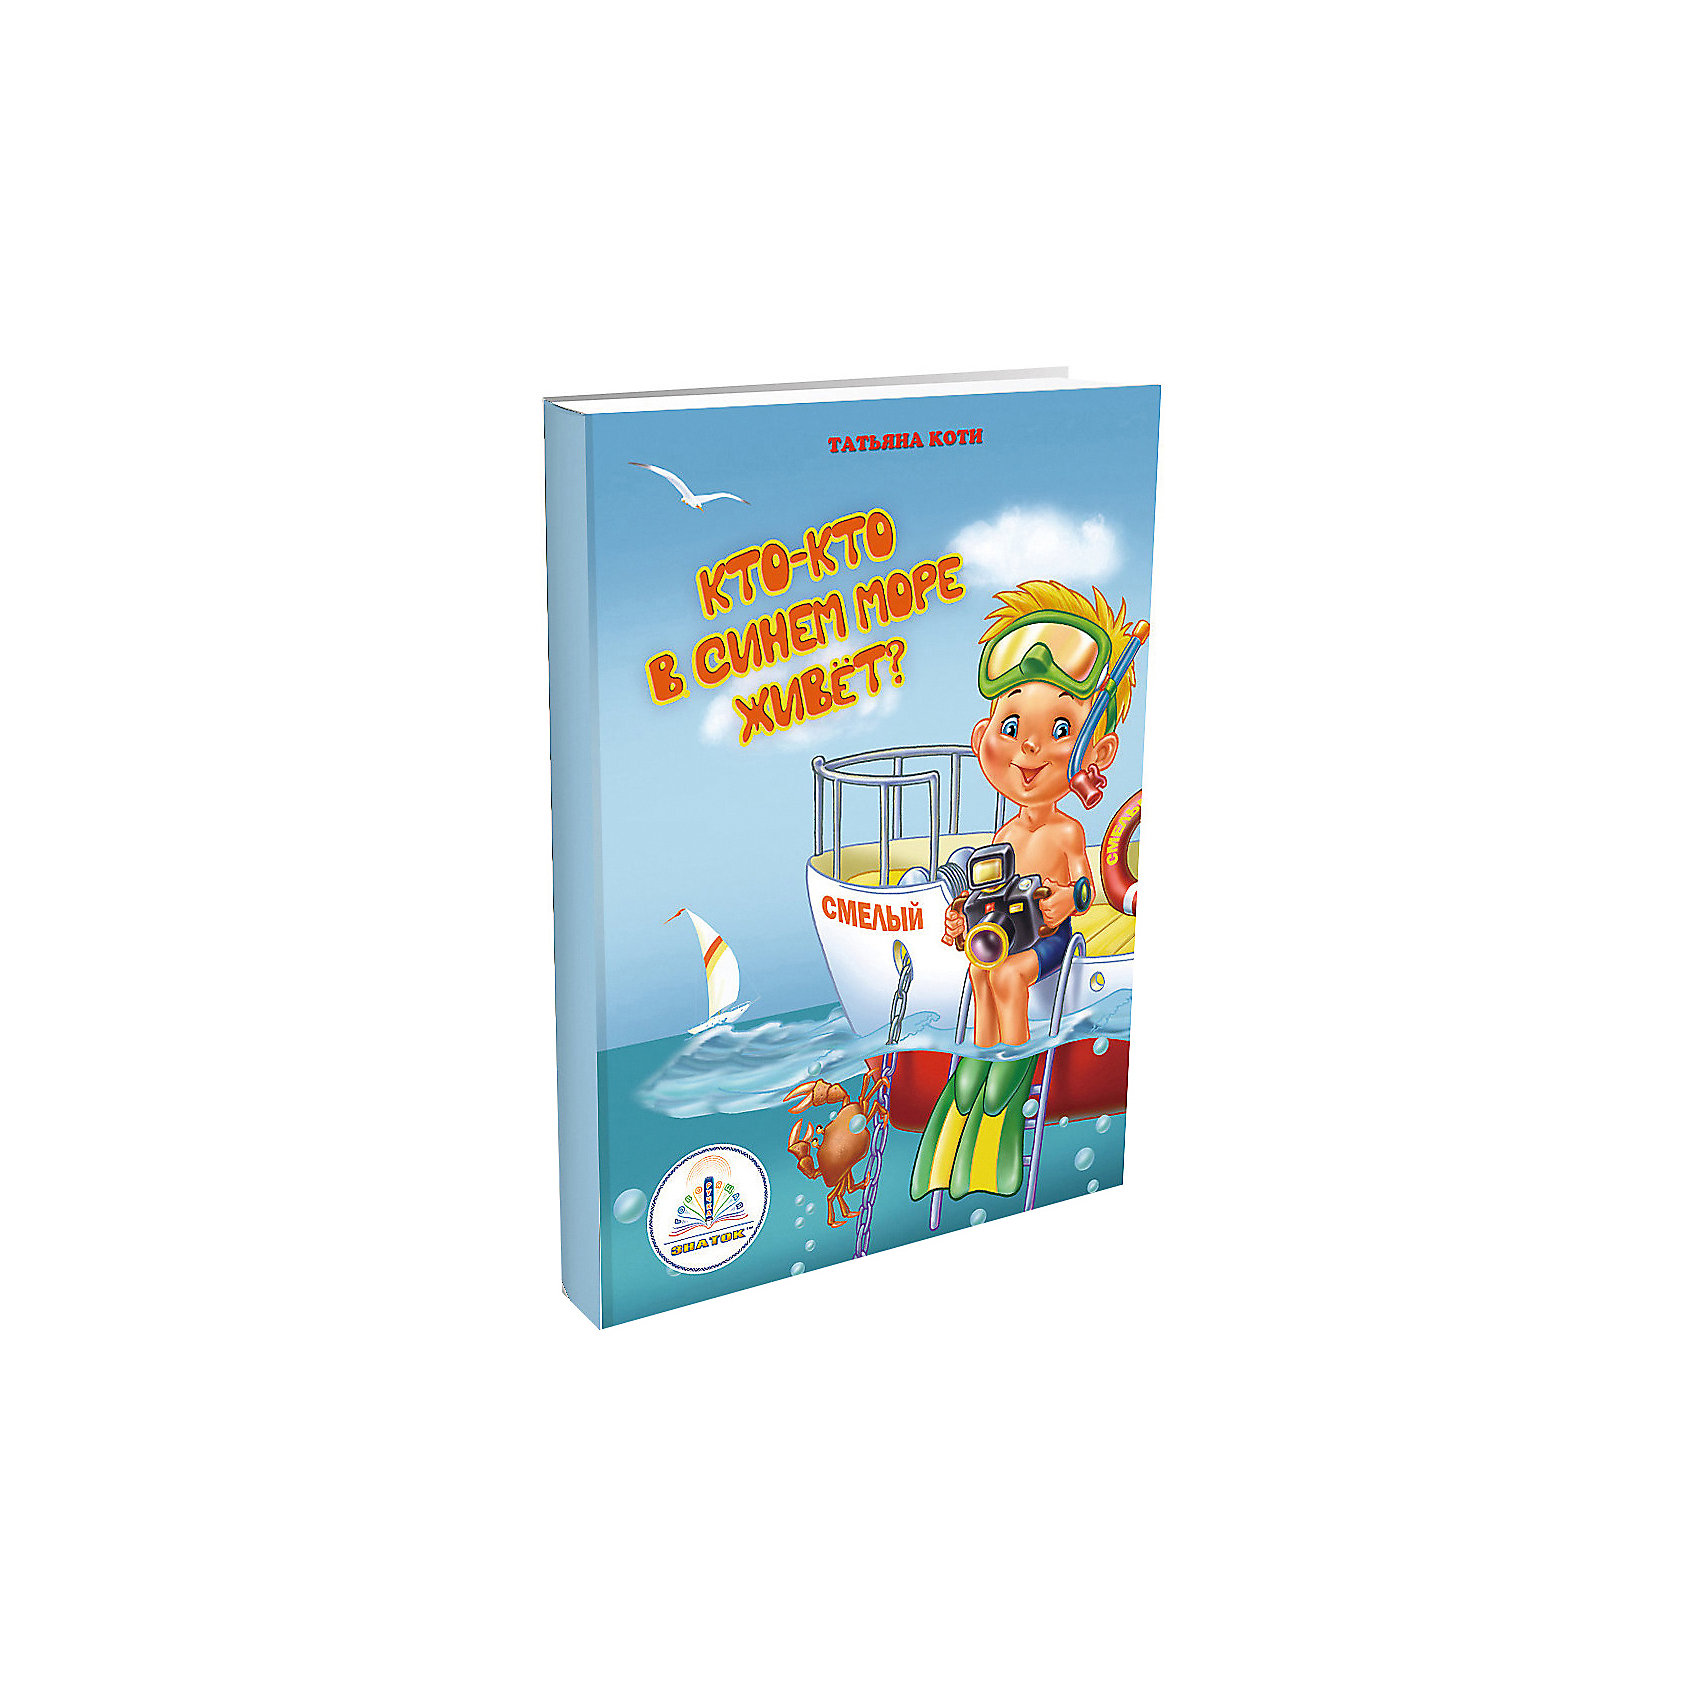 Набор книг Познаем-мир, ЗнатокГоворящие ручки с книгами<br>Набор из четырёх познавательных книг: Уроки светофора, Знакомые фигуры, К бабушке в деревню, Кто-кто в синем море живёт? и Небольшая книжка - раскраска будет приятным дополнением к этому набору. Возрастная категория:для детей от 3-х лет и старше.Резмер упаковки:19.5x27.2x3.5<br><br>Ширина мм: 195<br>Глубина мм: 262<br>Высота мм: 350<br>Вес г: 1354<br>Возраст от месяцев: 36<br>Возраст до месяцев: 2147483647<br>Пол: Унисекс<br>Возраст: Детский<br>SKU: 5596031